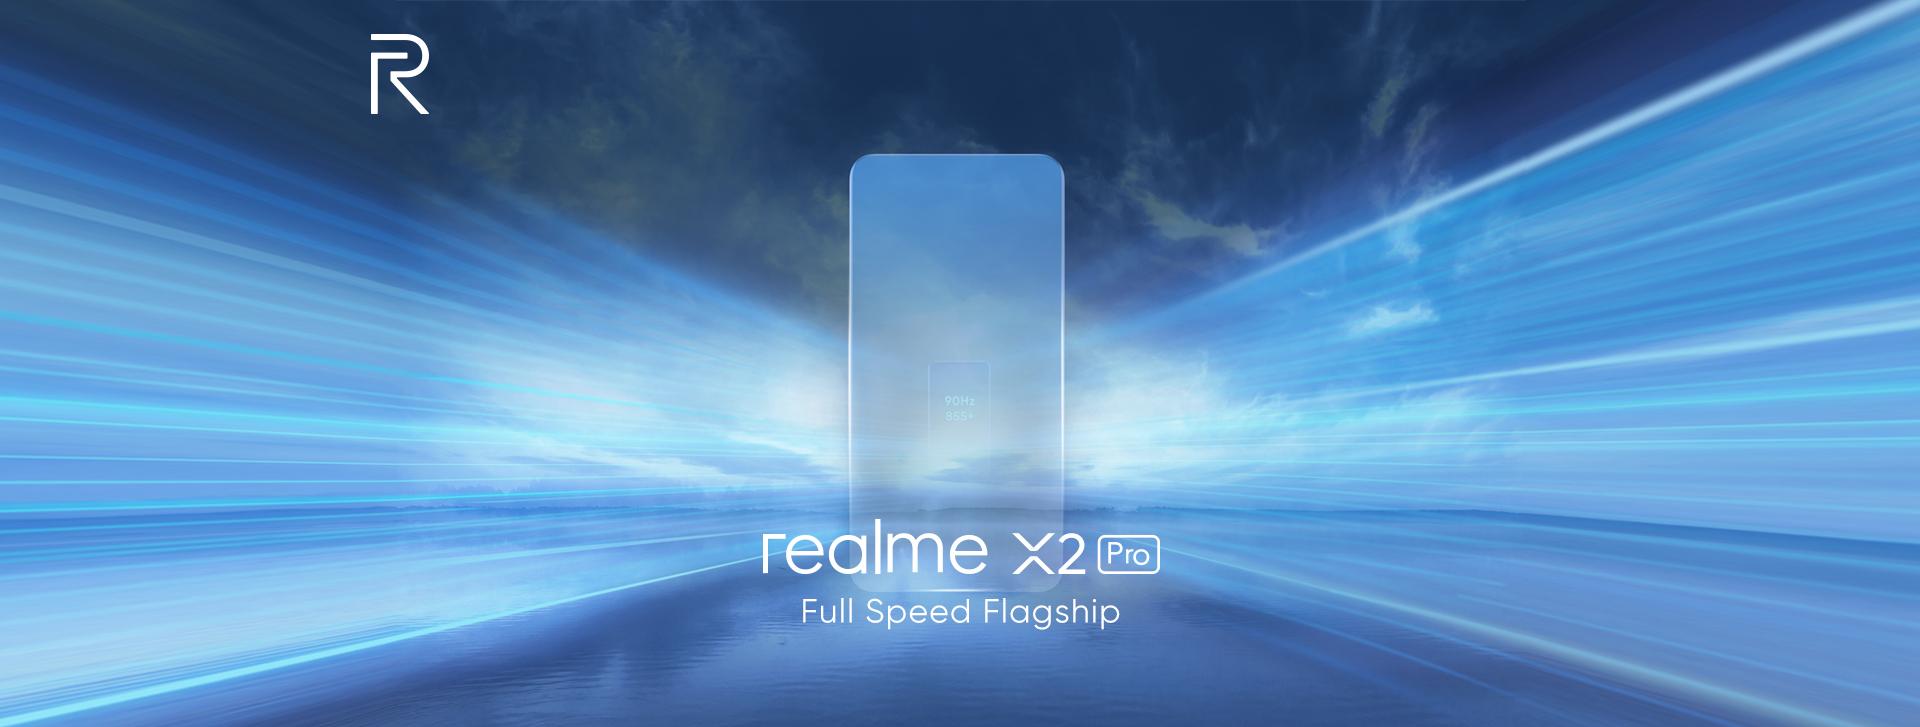 """Realme X2 Pro zamíří do EU, nový """"zabiják top modelů""""? [aktualizováno]"""